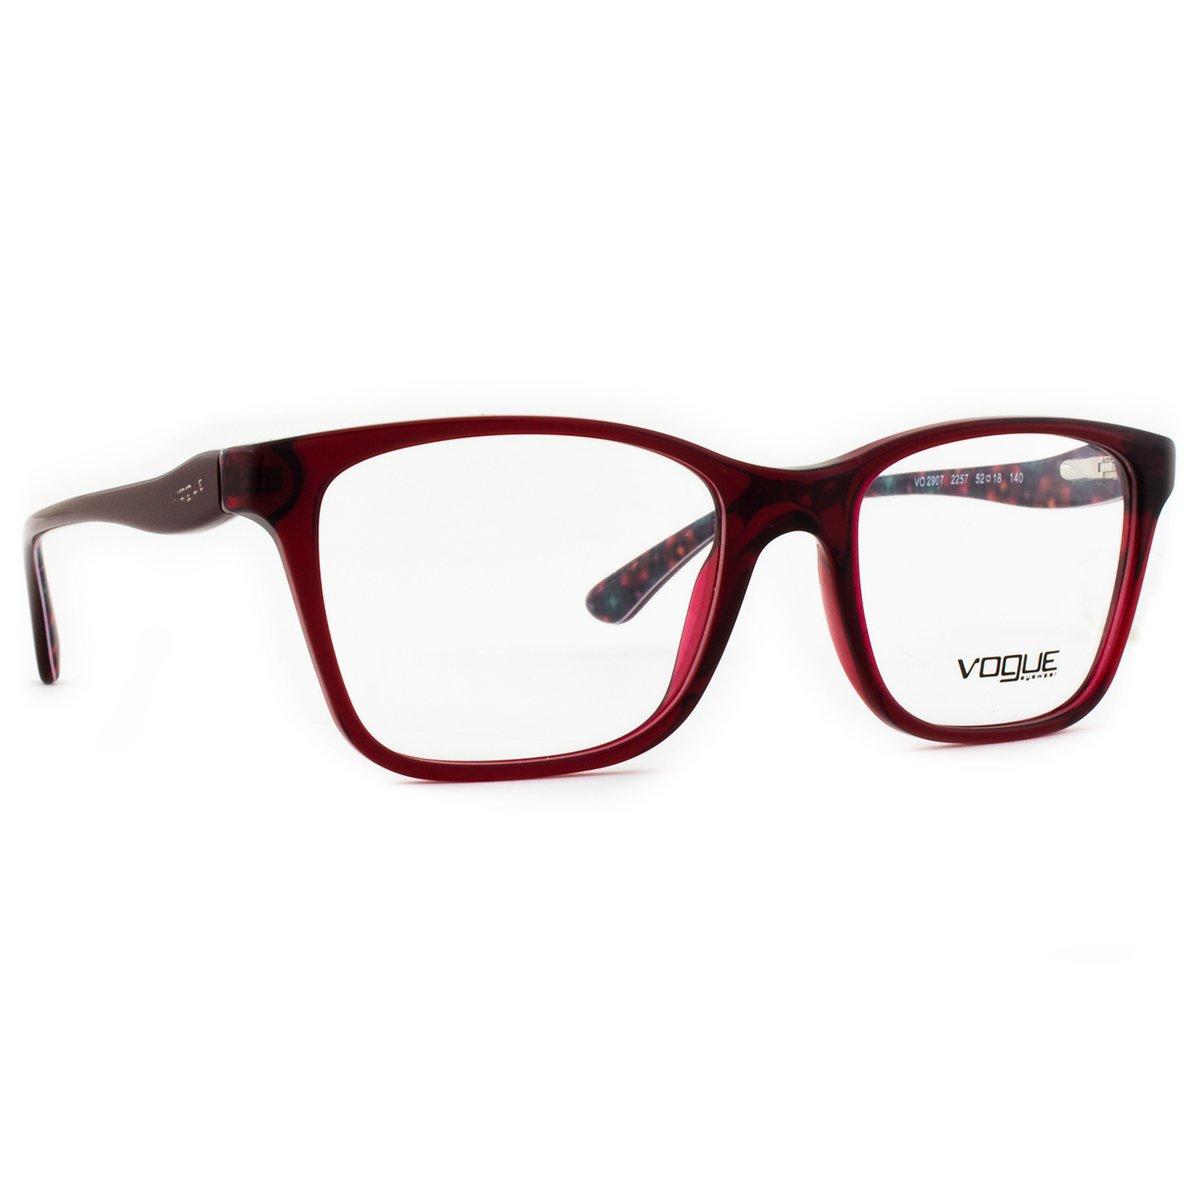 Armação Óculos de Grau Vogue Drops VO2907 2257-52 - Compre Agora ... 65b7975e7b